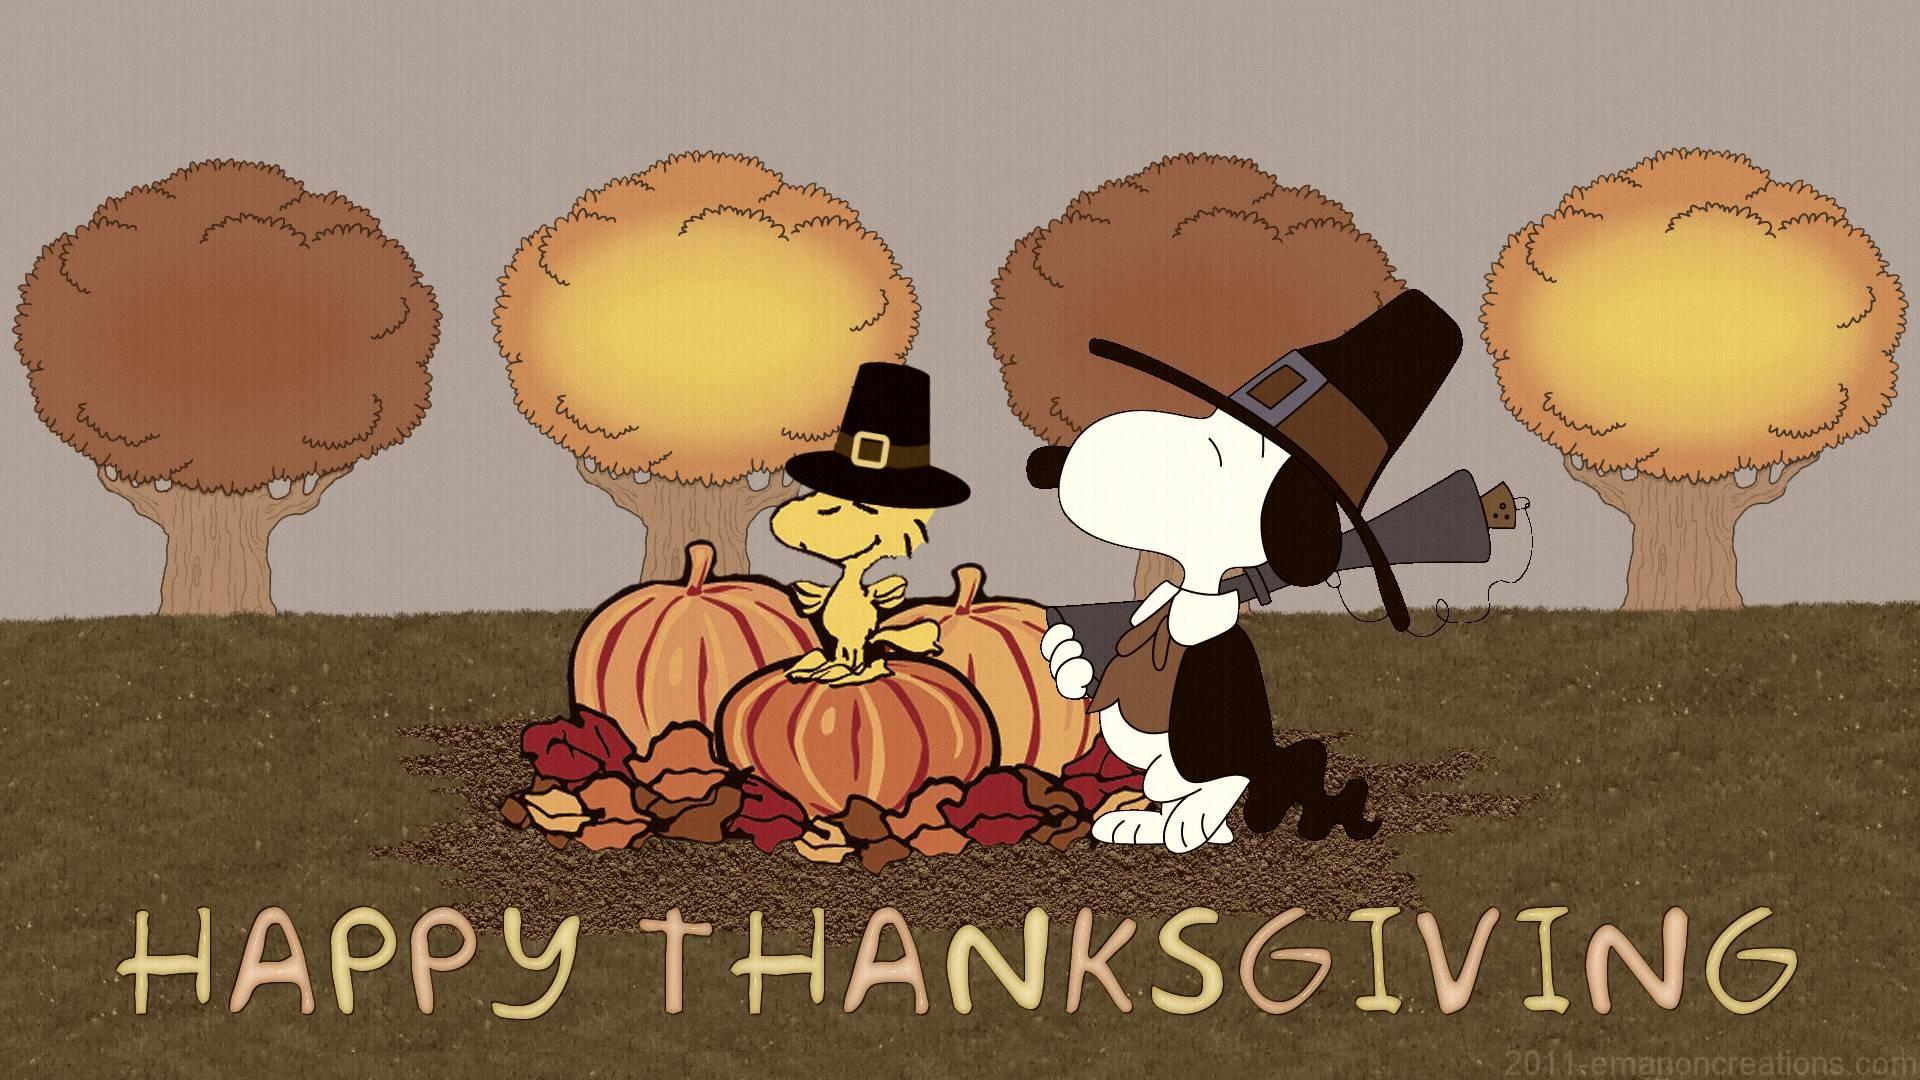 Peanuts Thanksgiving Wallpaper 1